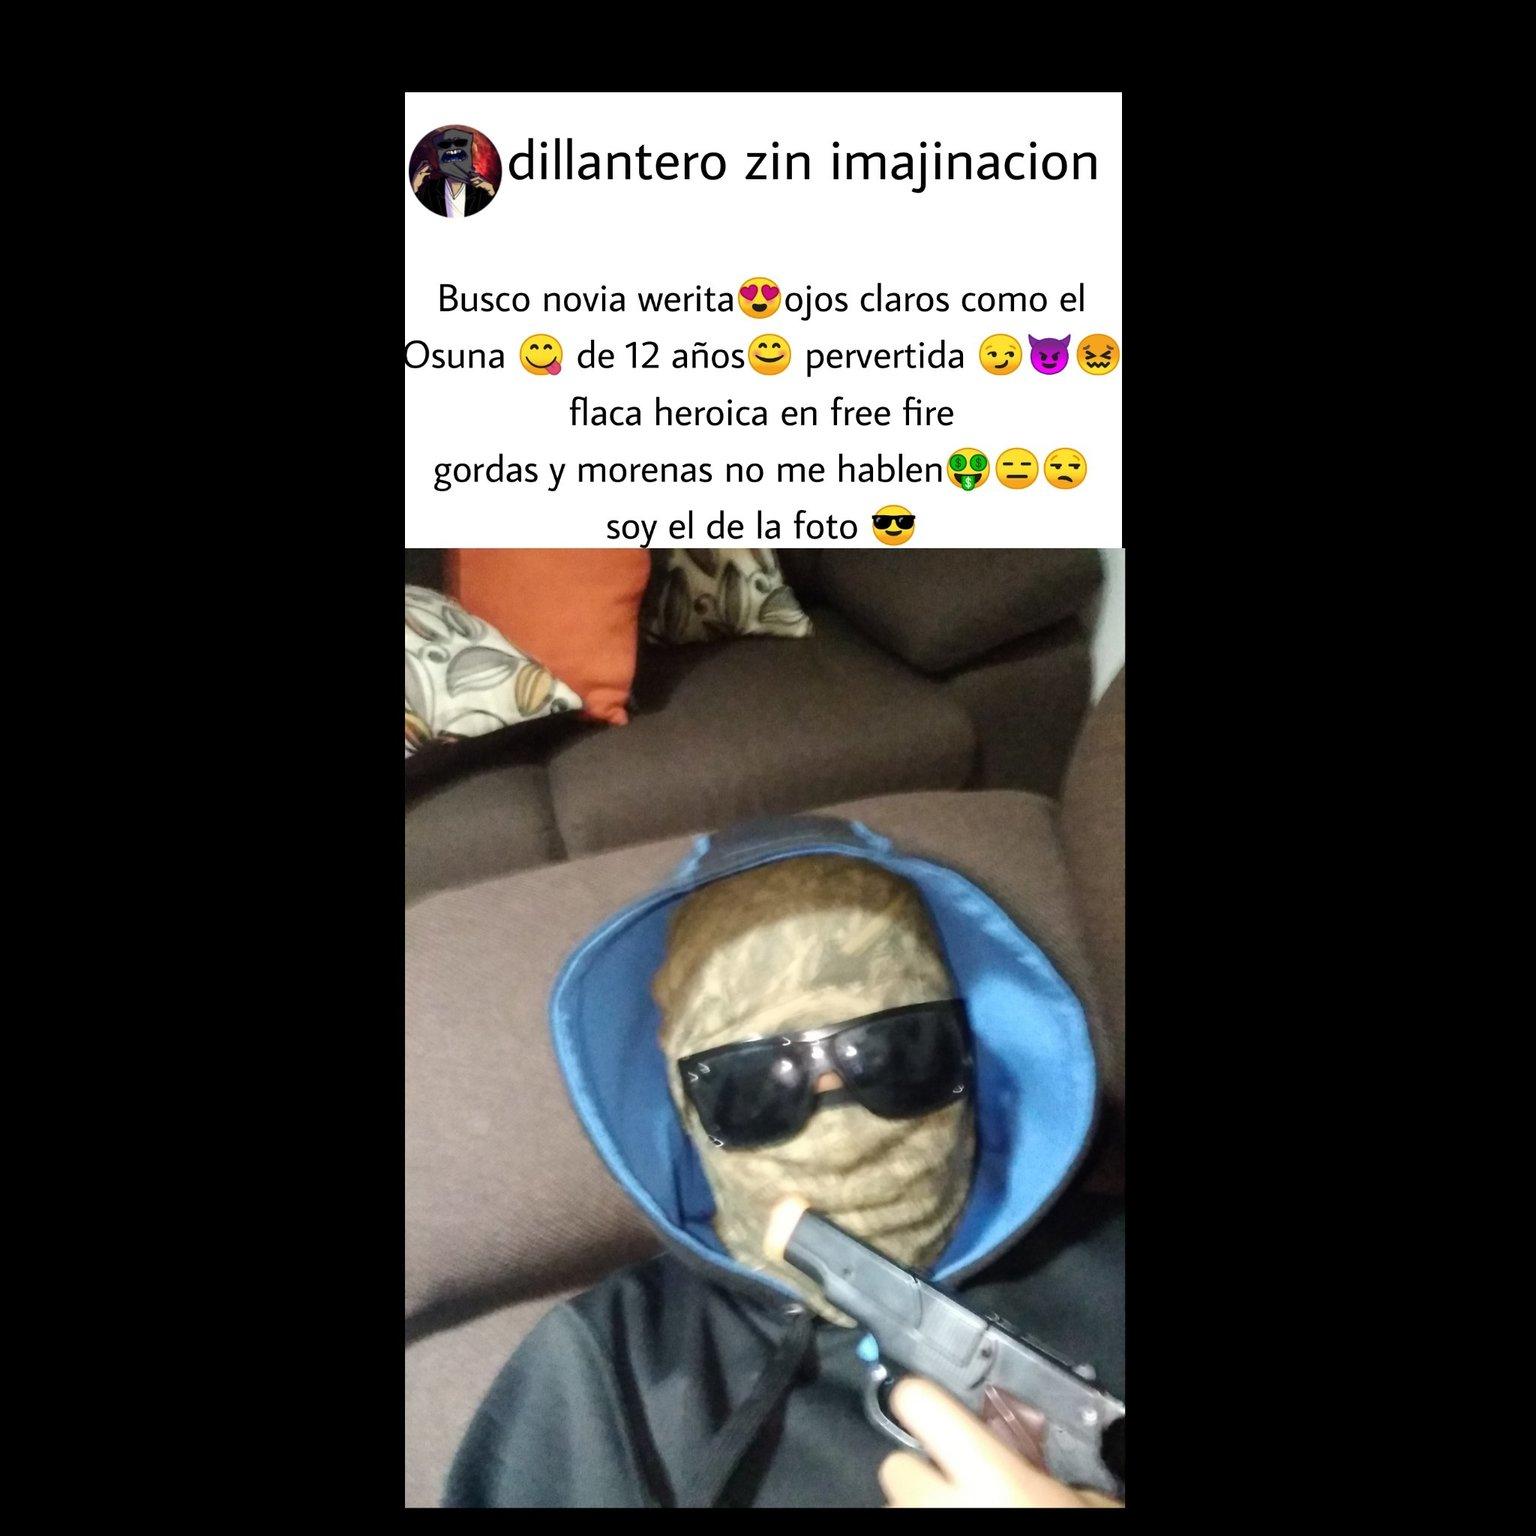 Dillantero zin imajinacion - meme